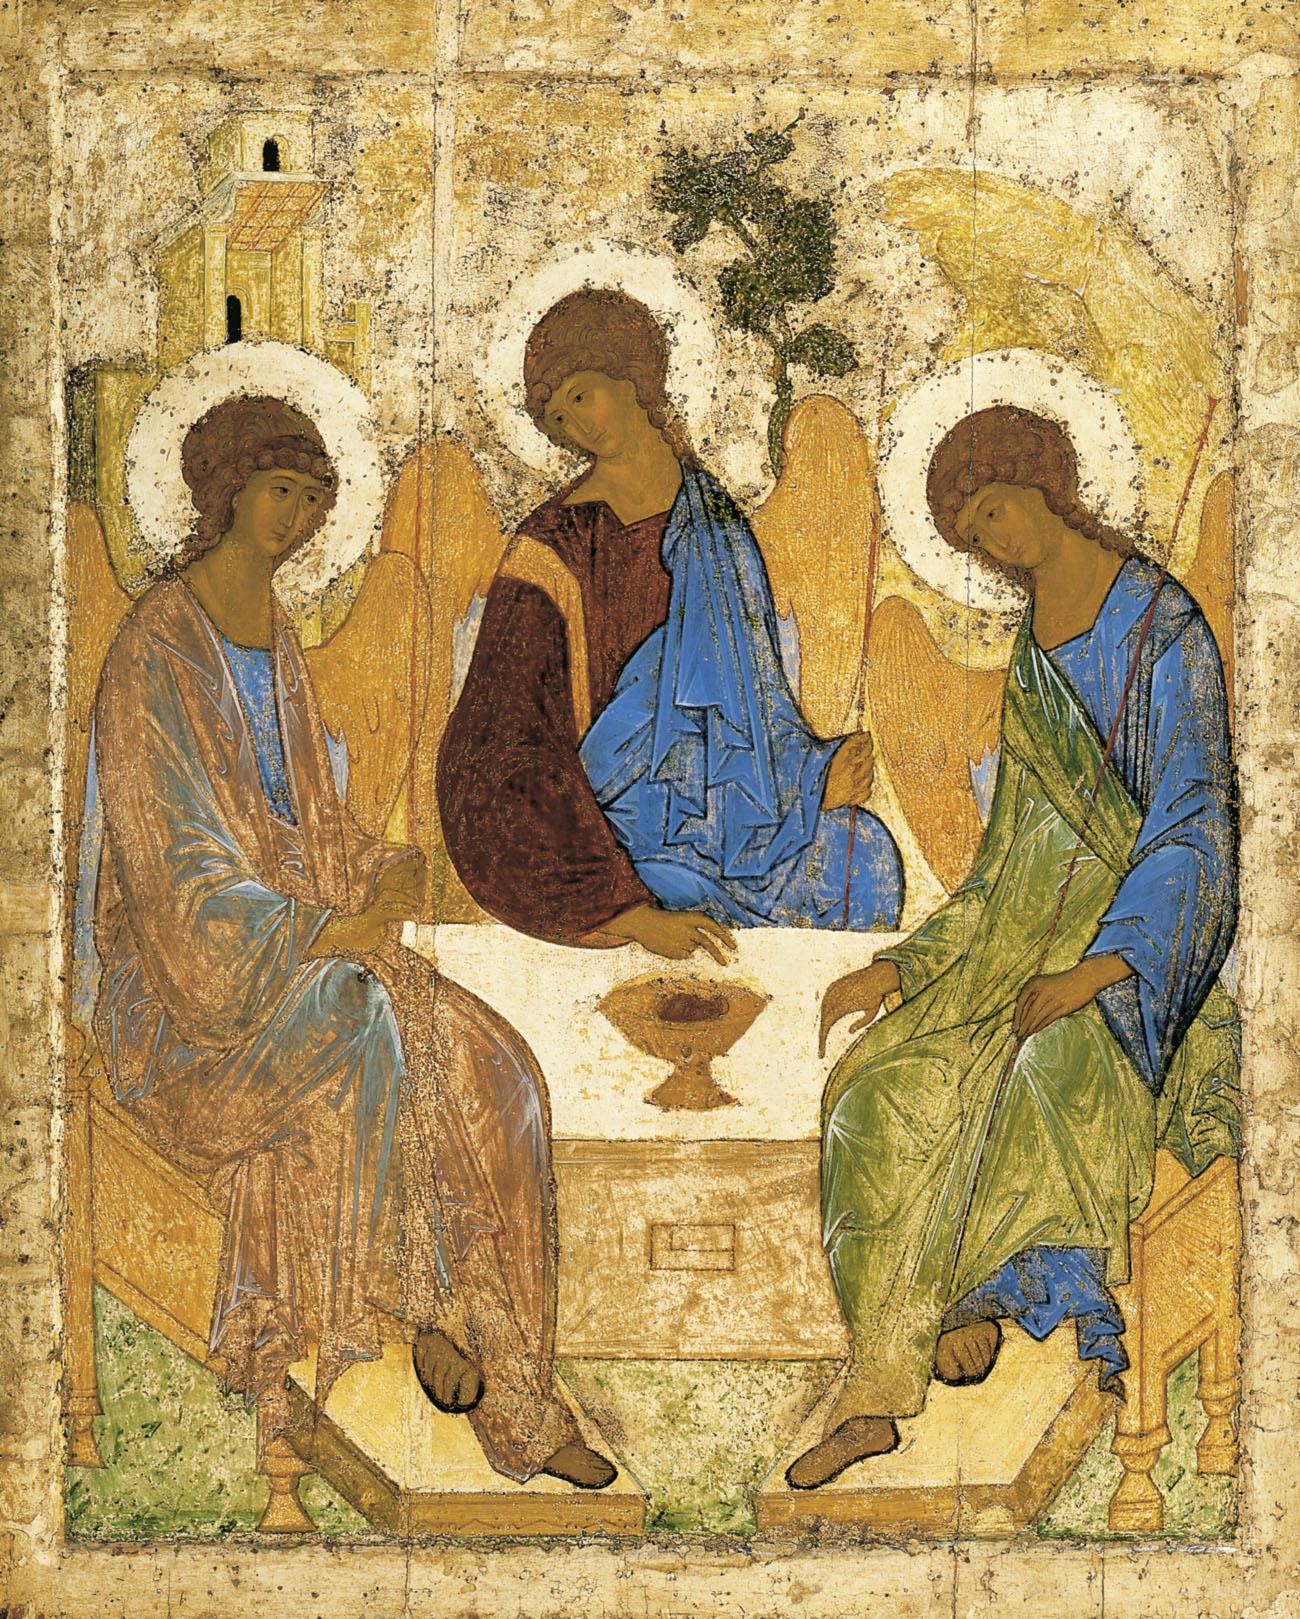 Icône de l'Hospitalité d'Abraham, dite de la Sainte-Trinité, copie de l'îcône d'André Roublev @ wikimedia commons